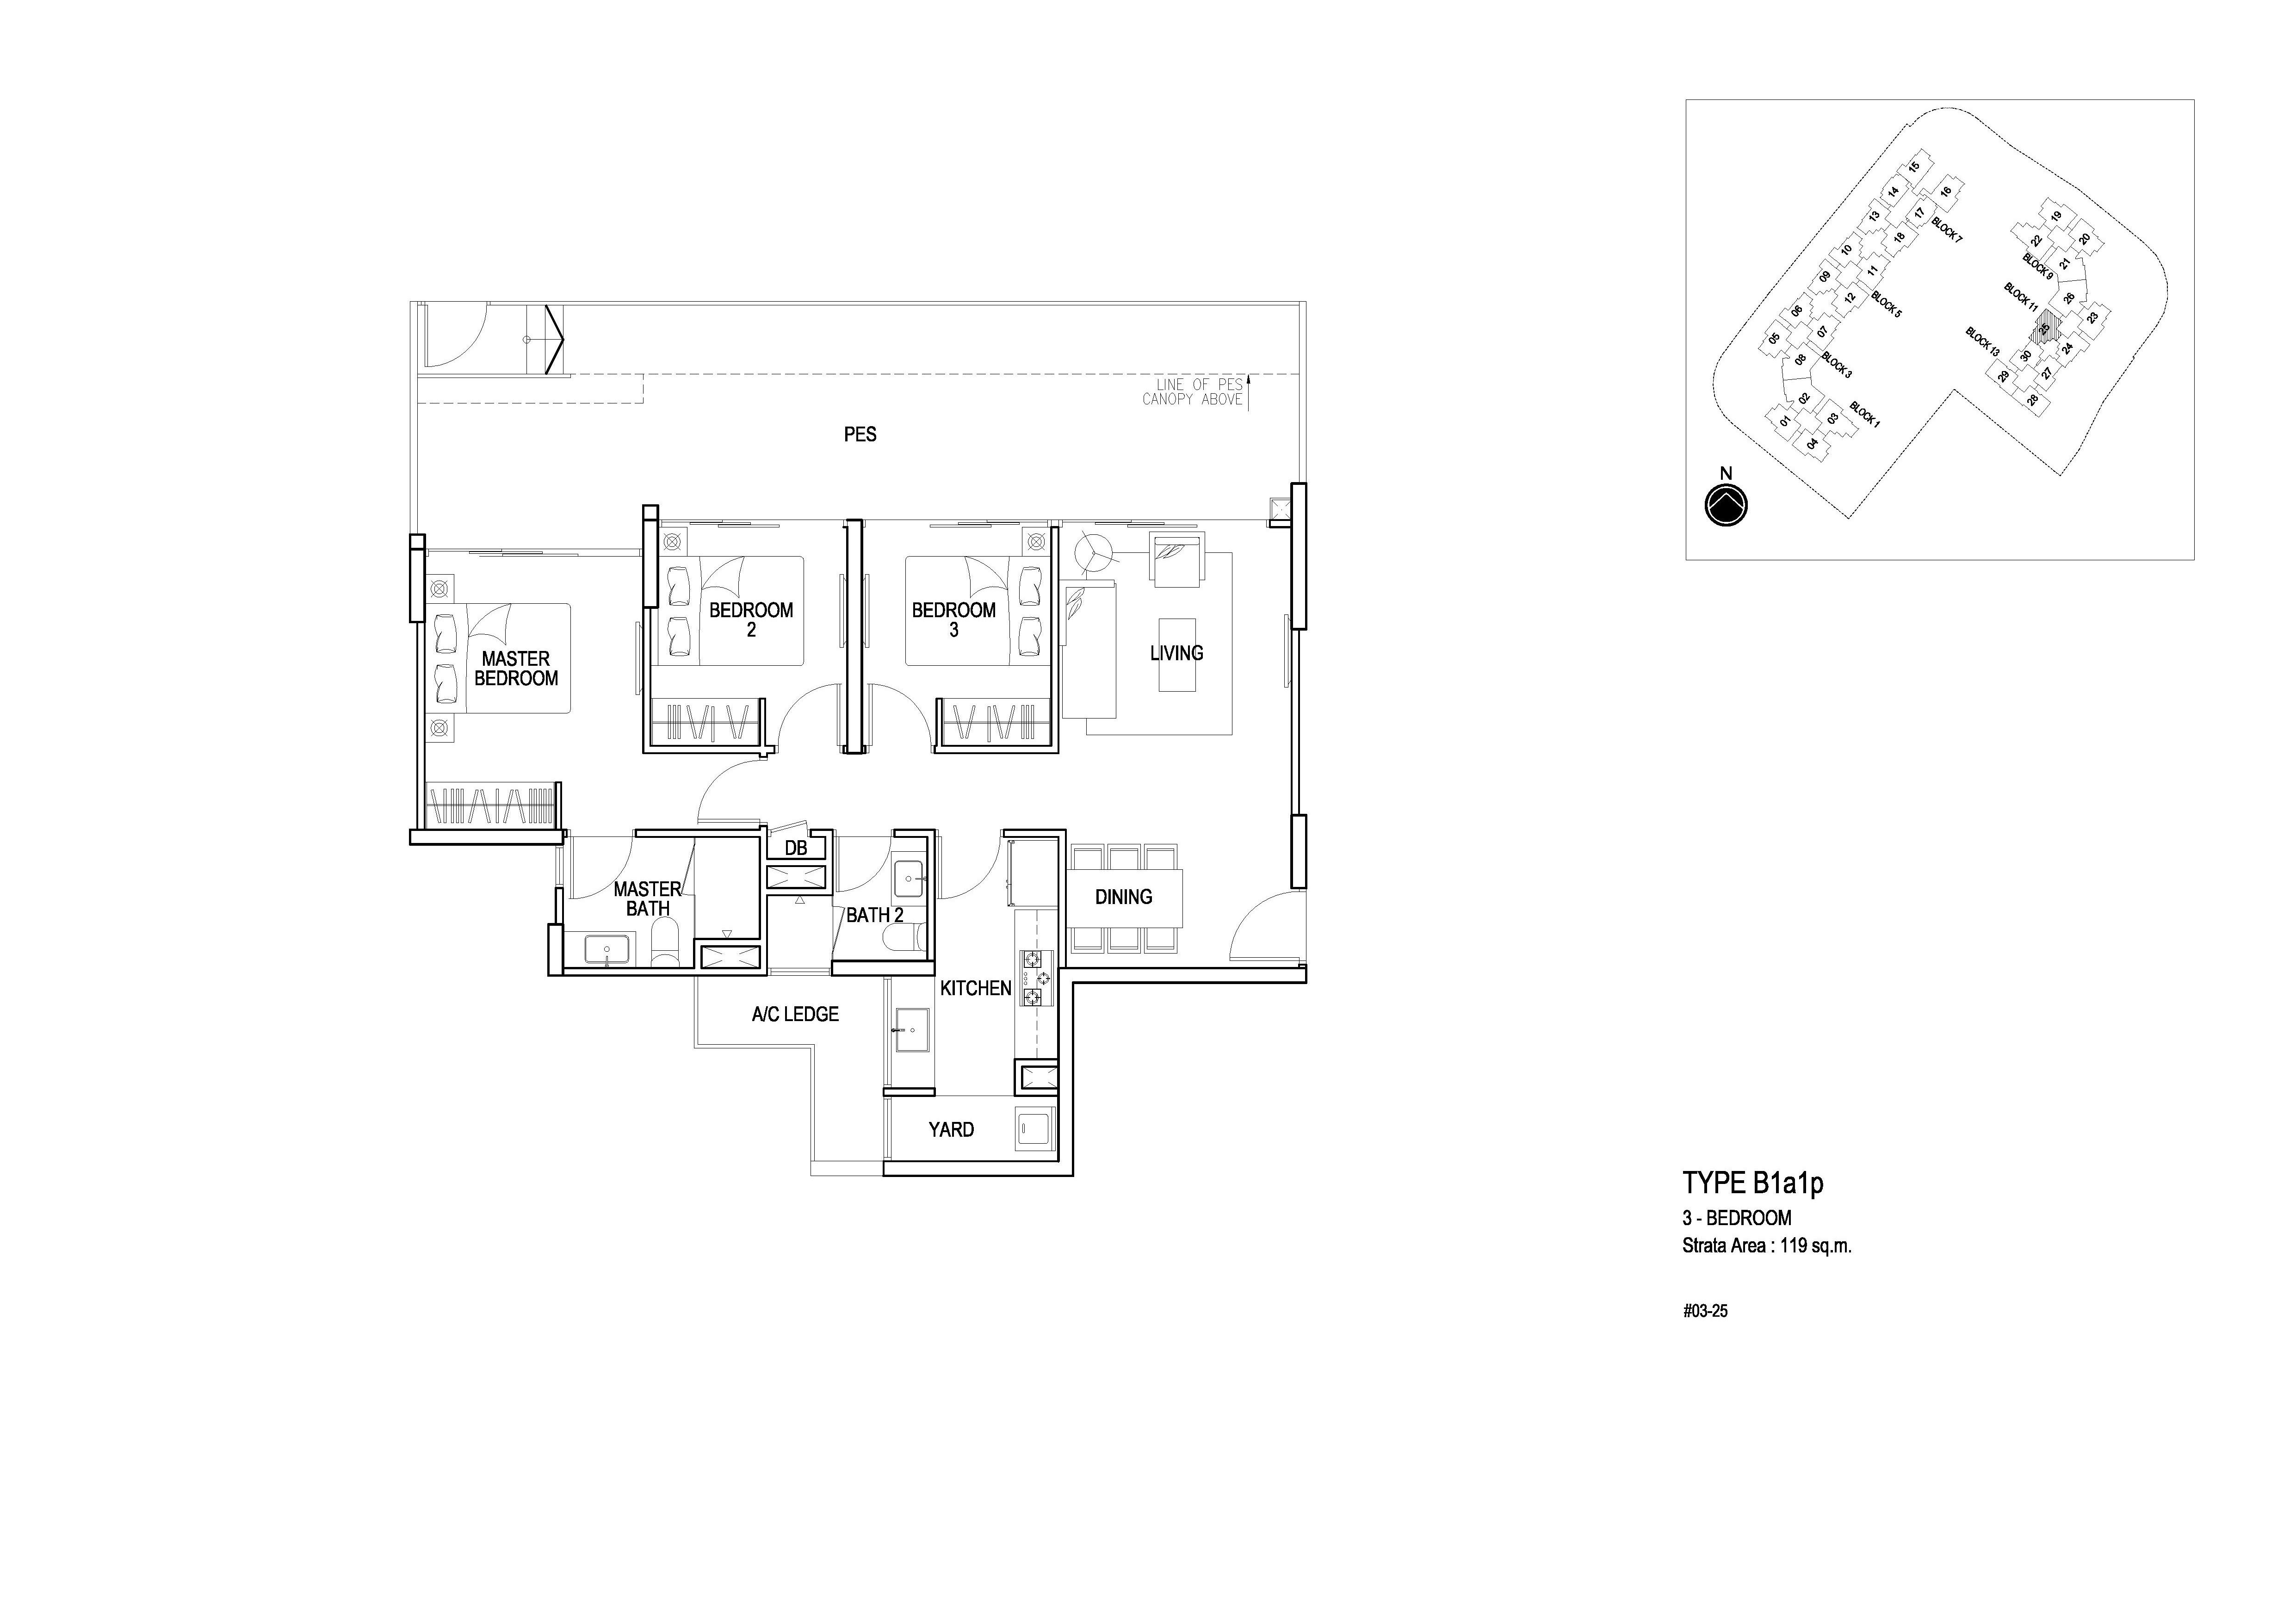 3 bedroom pes flo residence. Black Bedroom Furniture Sets. Home Design Ideas